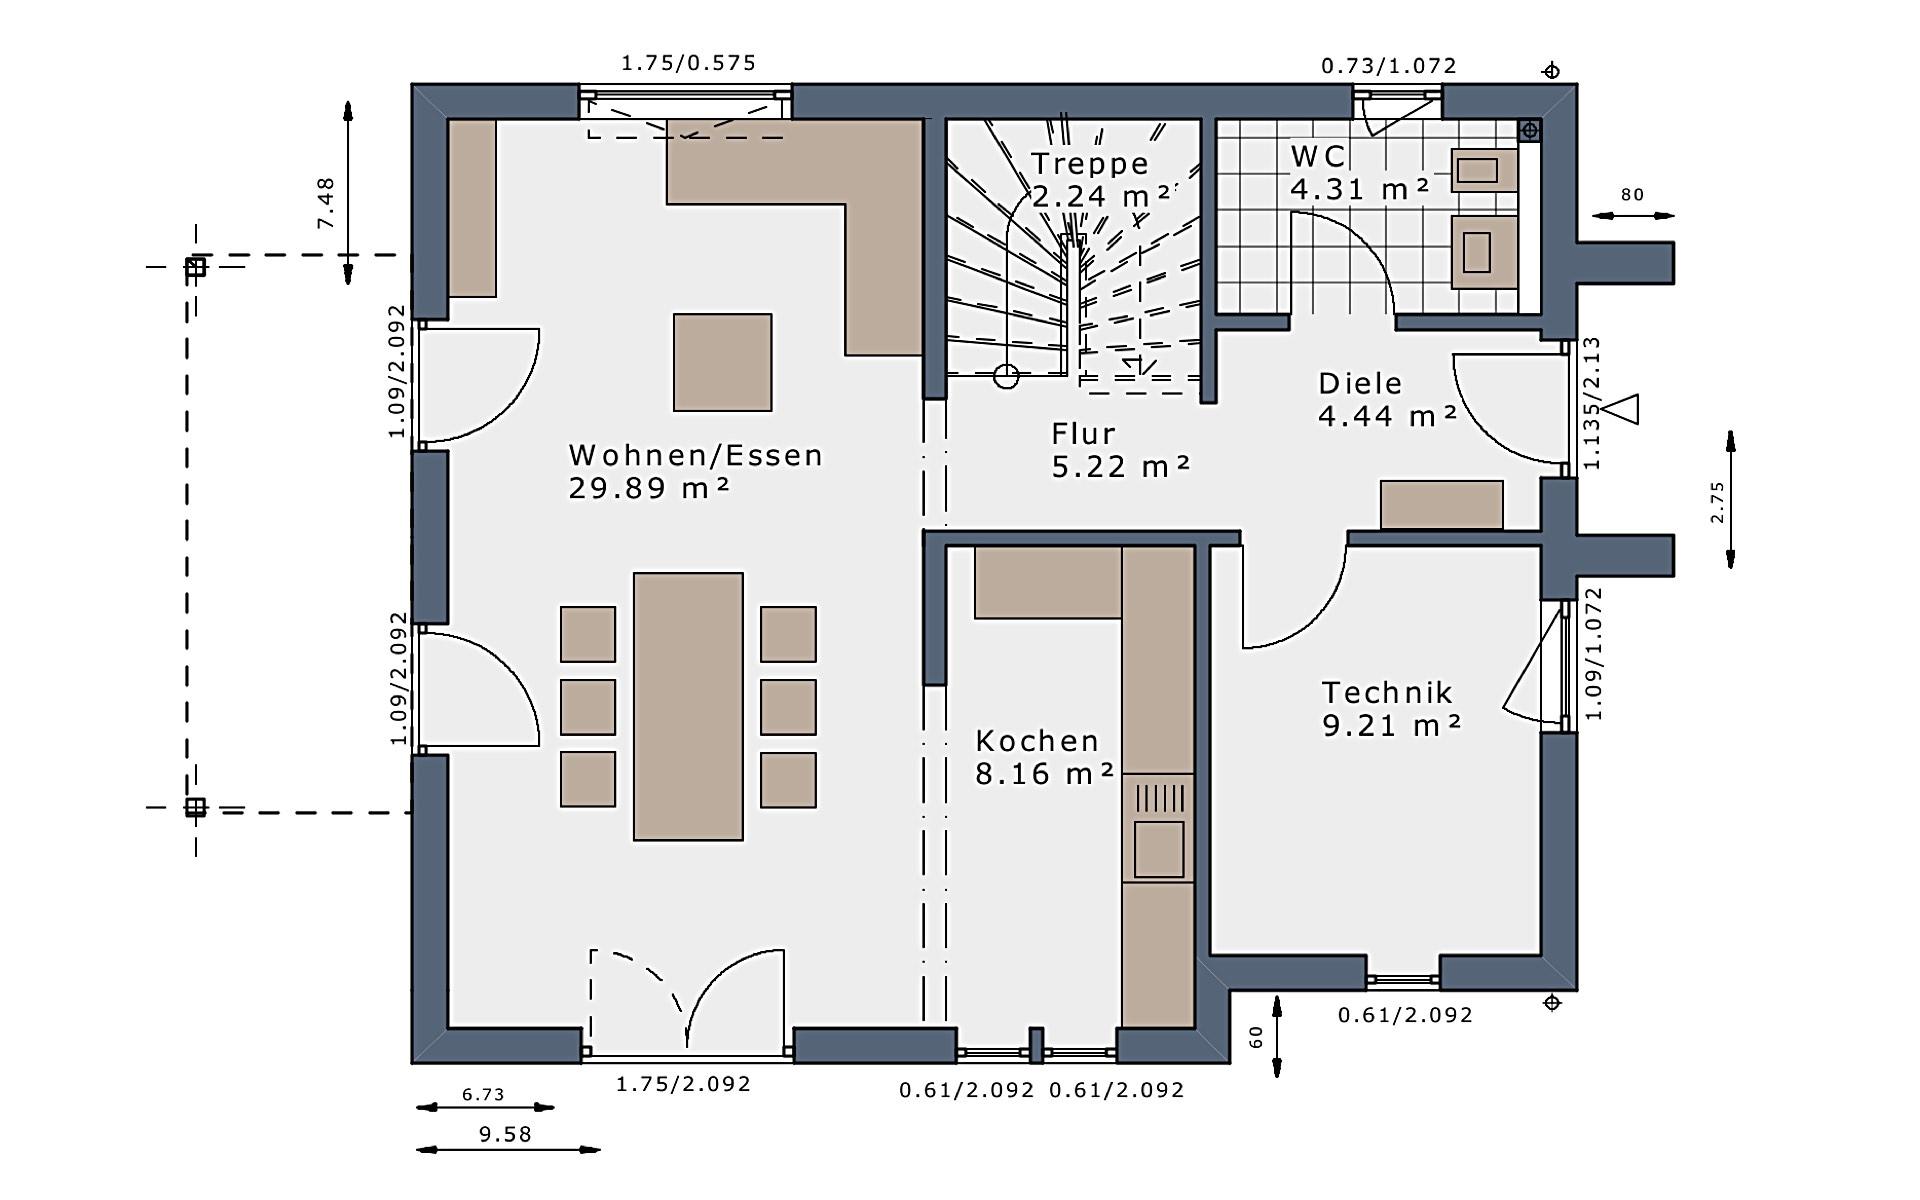 Erdgeschoss SmartSpace-E-120 E3 von Schwabenhaus GmbH & Co. KG